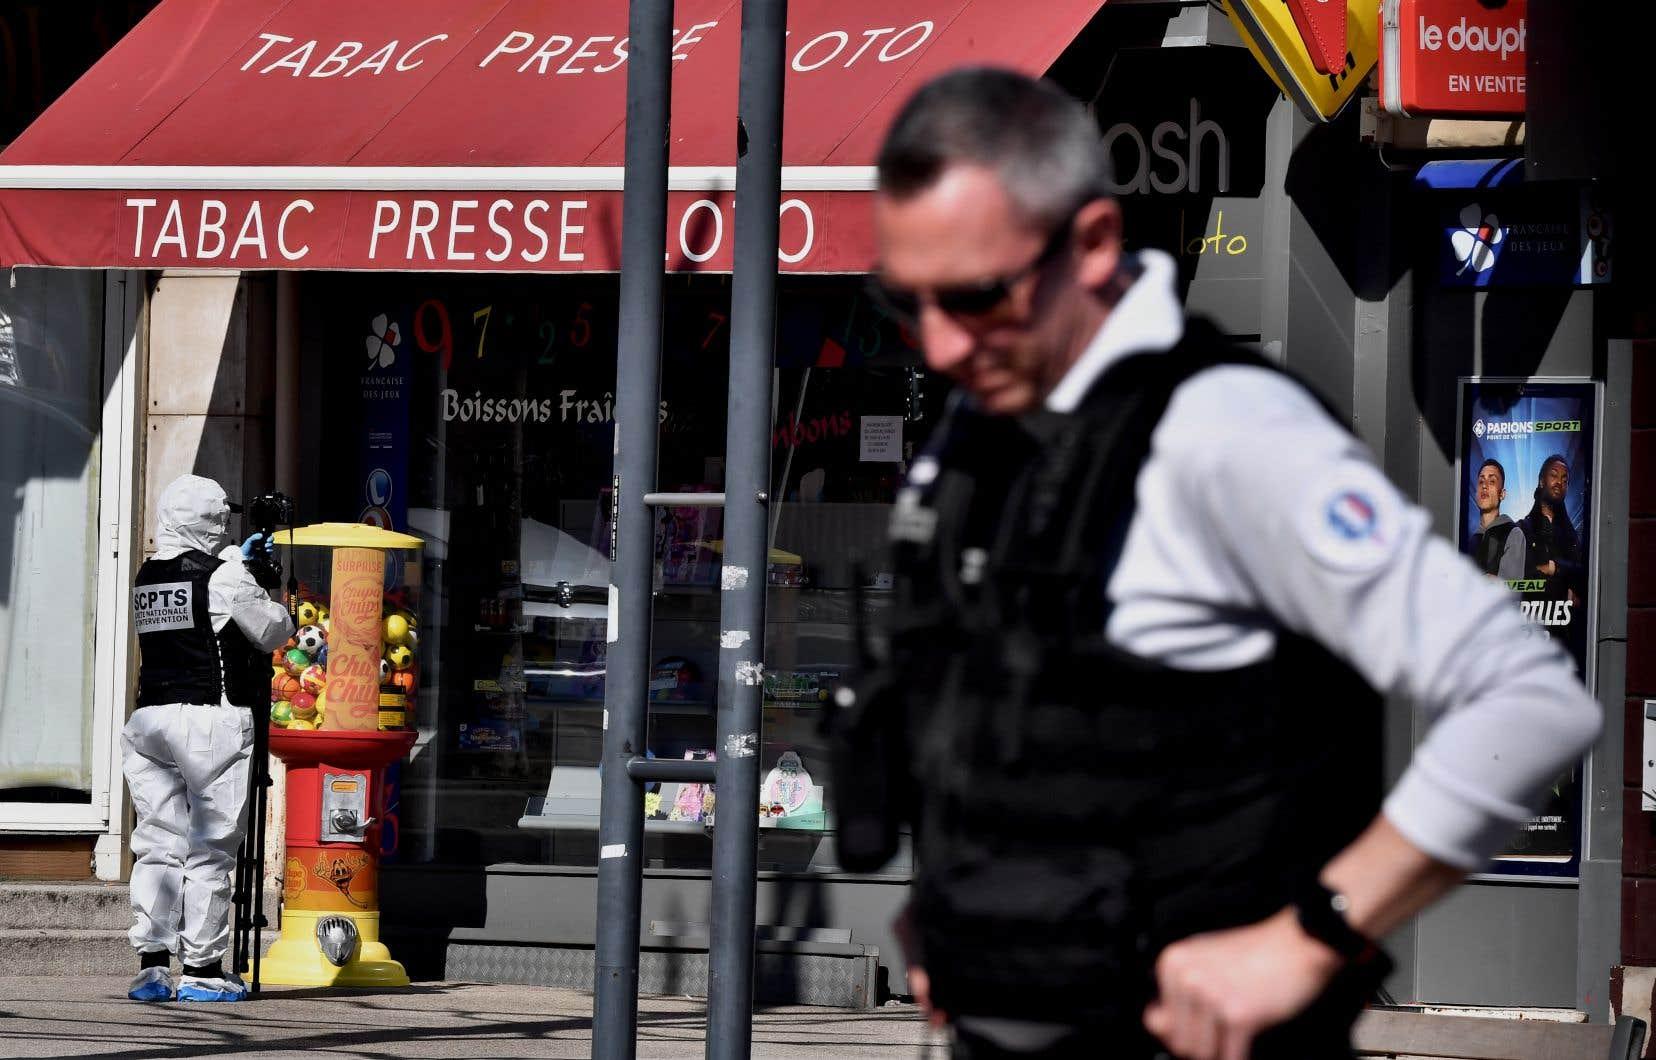 Armé d'un couteau, l'assaillant présumé «s'est rendu dans un bureau de tabac» dont il a attaqué le patron